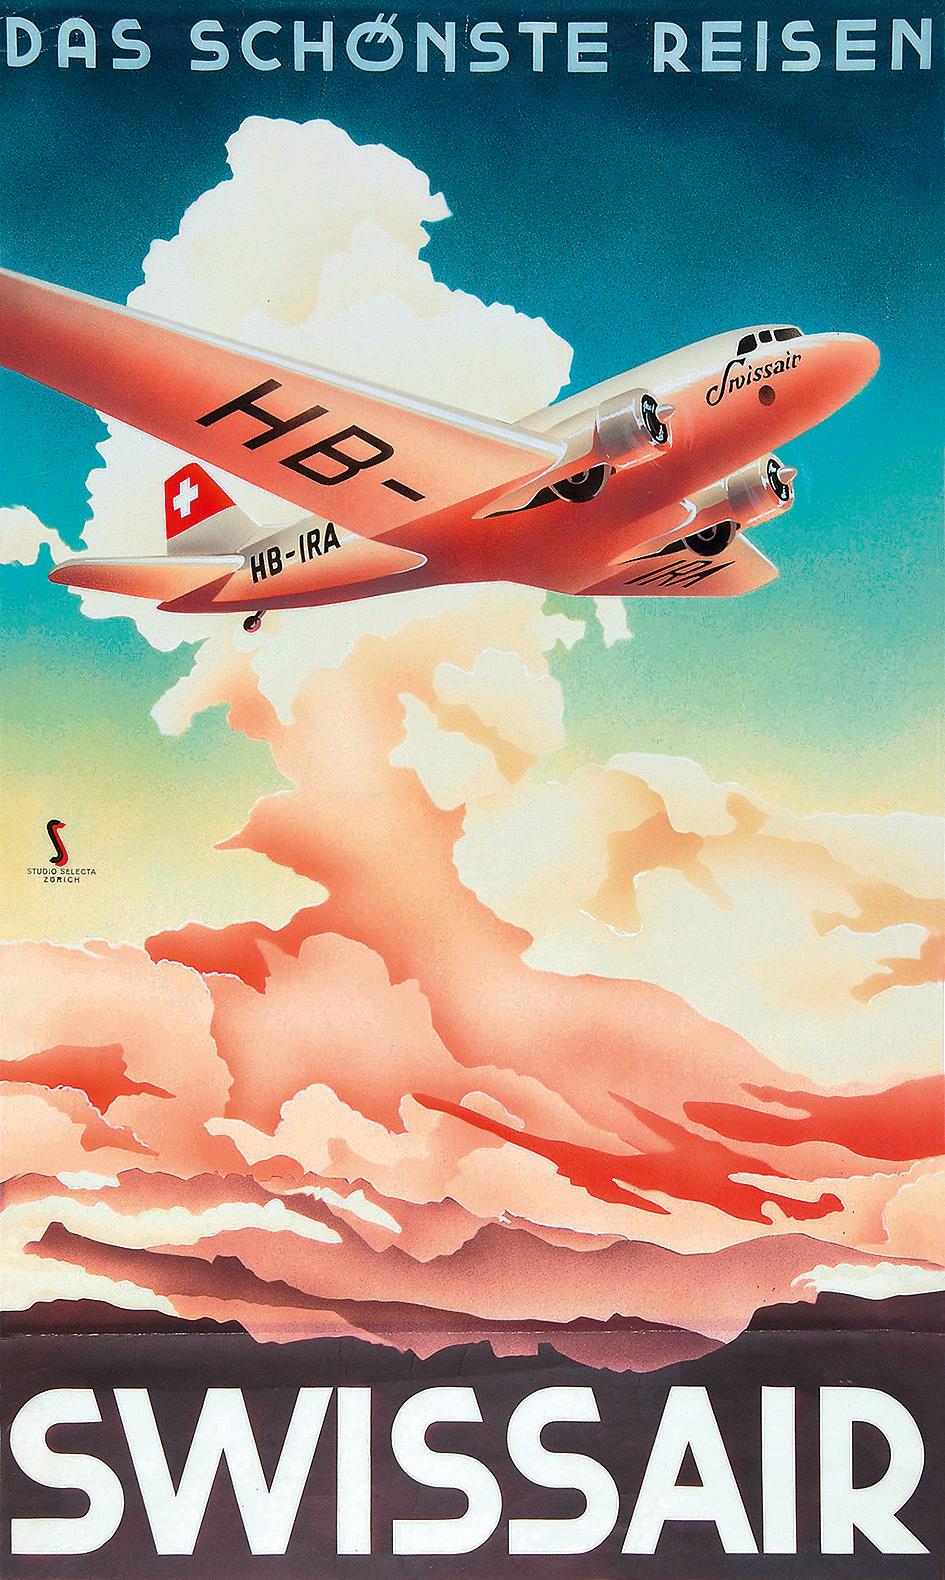 Studio Selecta Zürich, Das schönste Reisen, Swissair, approx. 1937/38